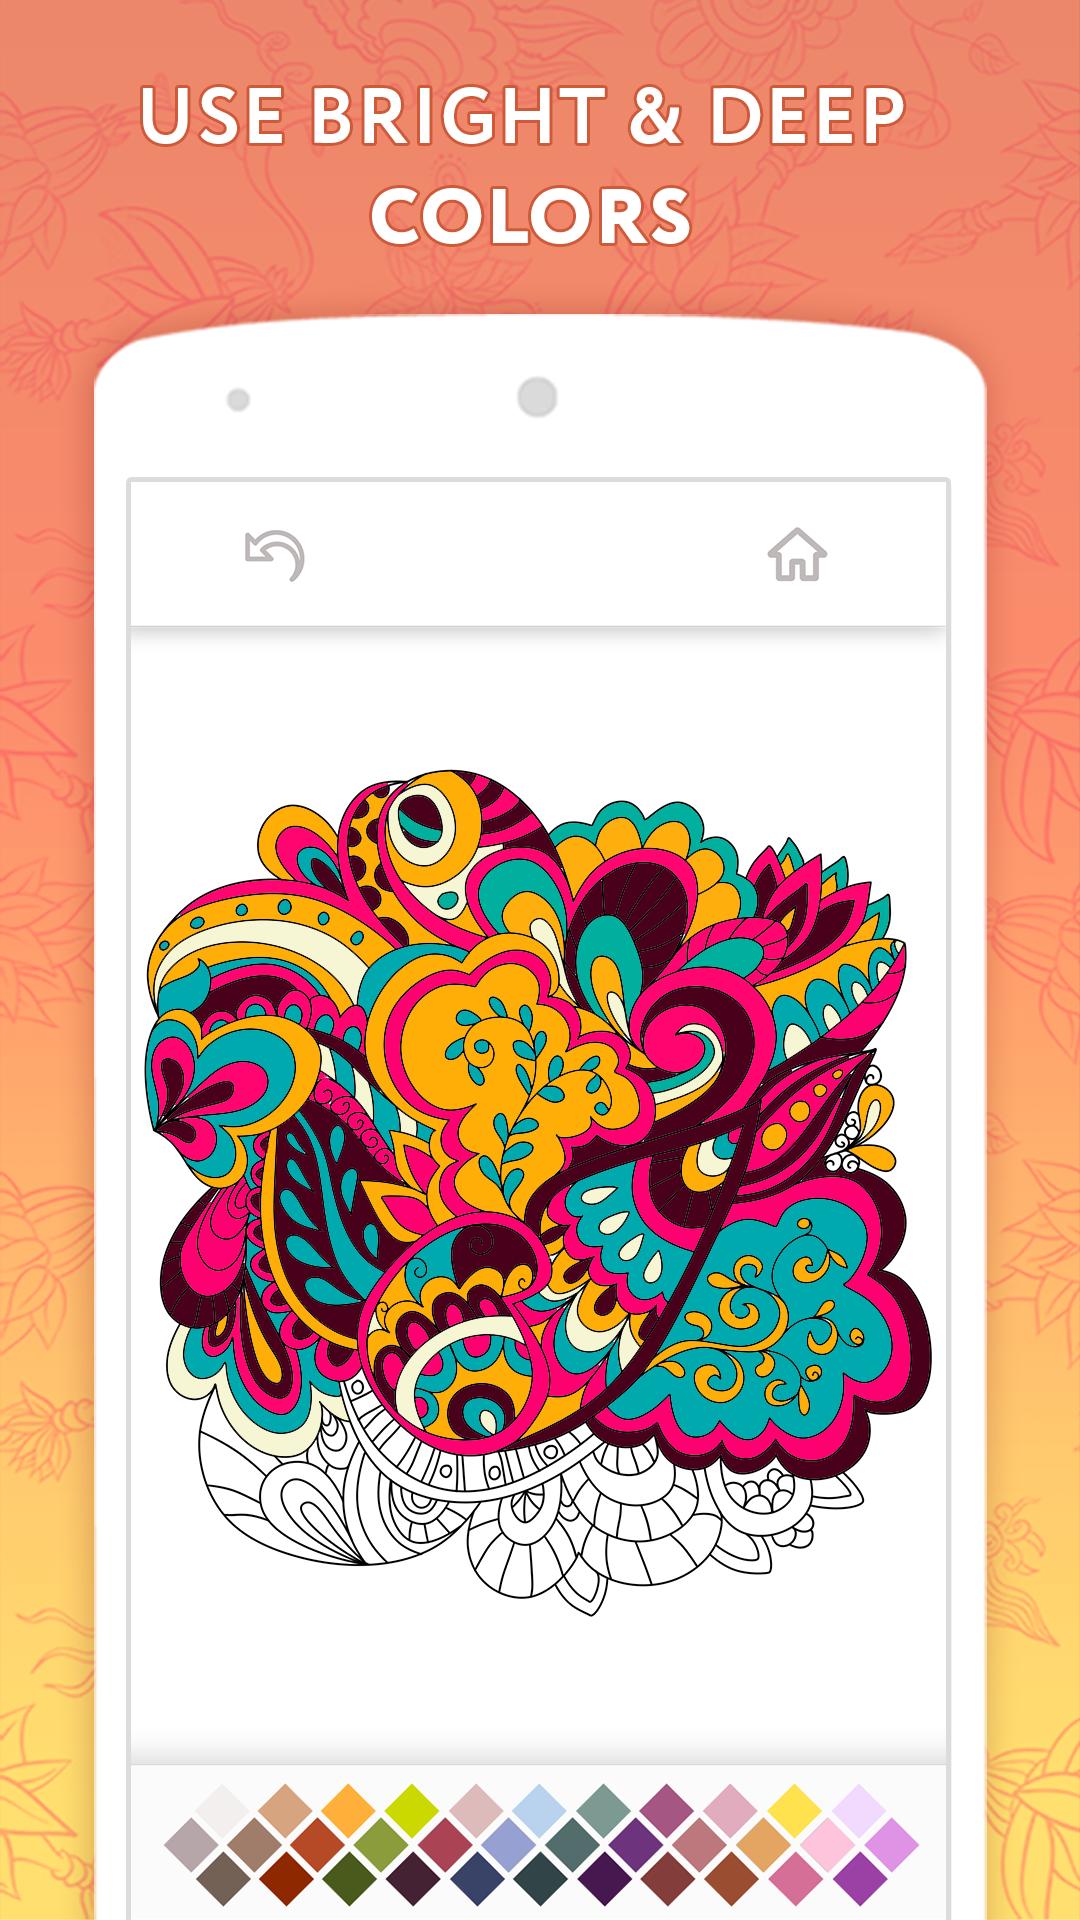 Malbuch Traum Gestaltung: Amazon.de: Apps für Android